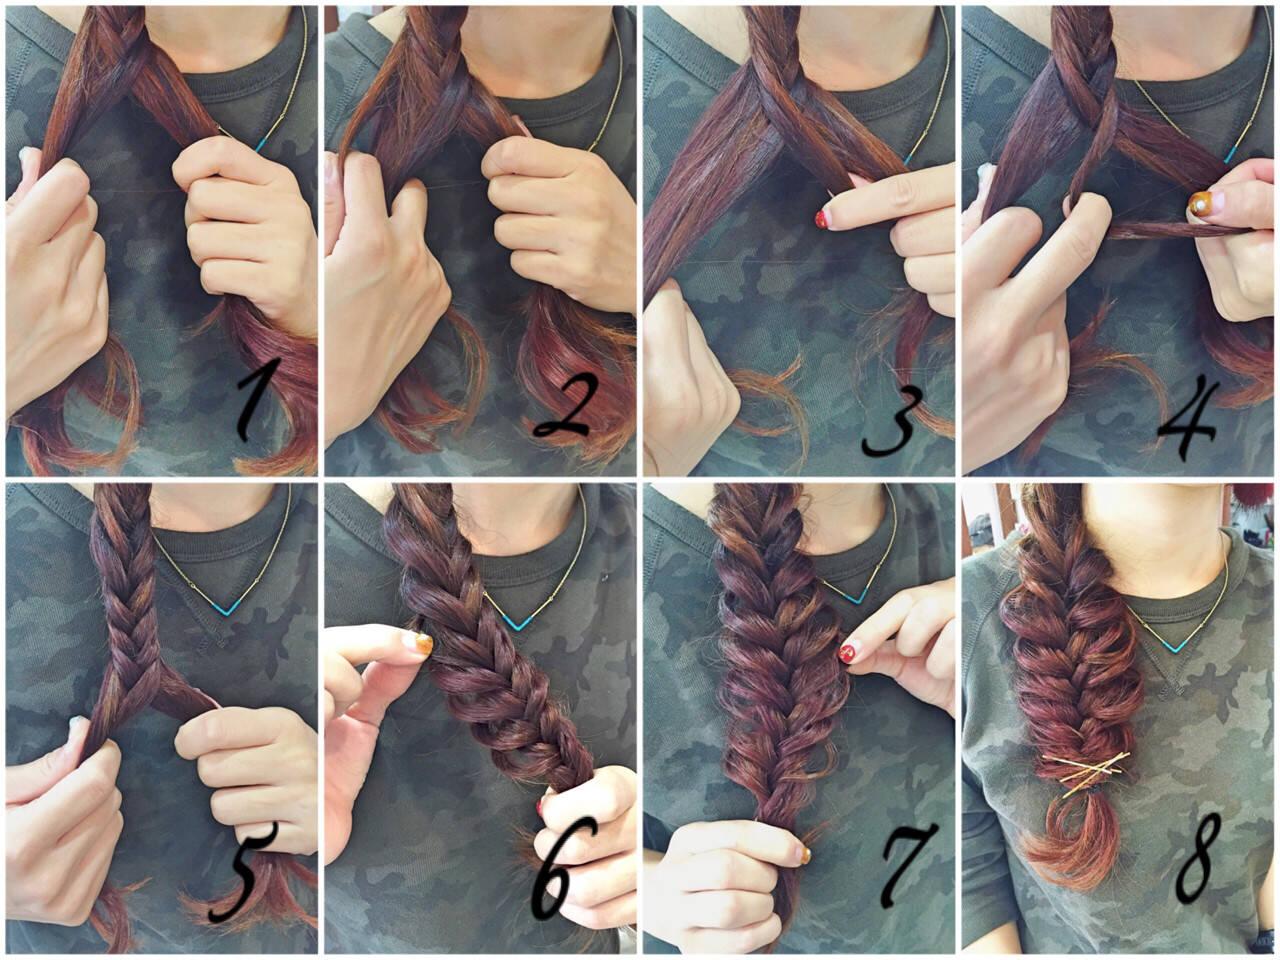 セミロング 簡単ヘアアレンジ フィッシュボーン ヘアアレンジヘアスタイルや髪型の写真・画像